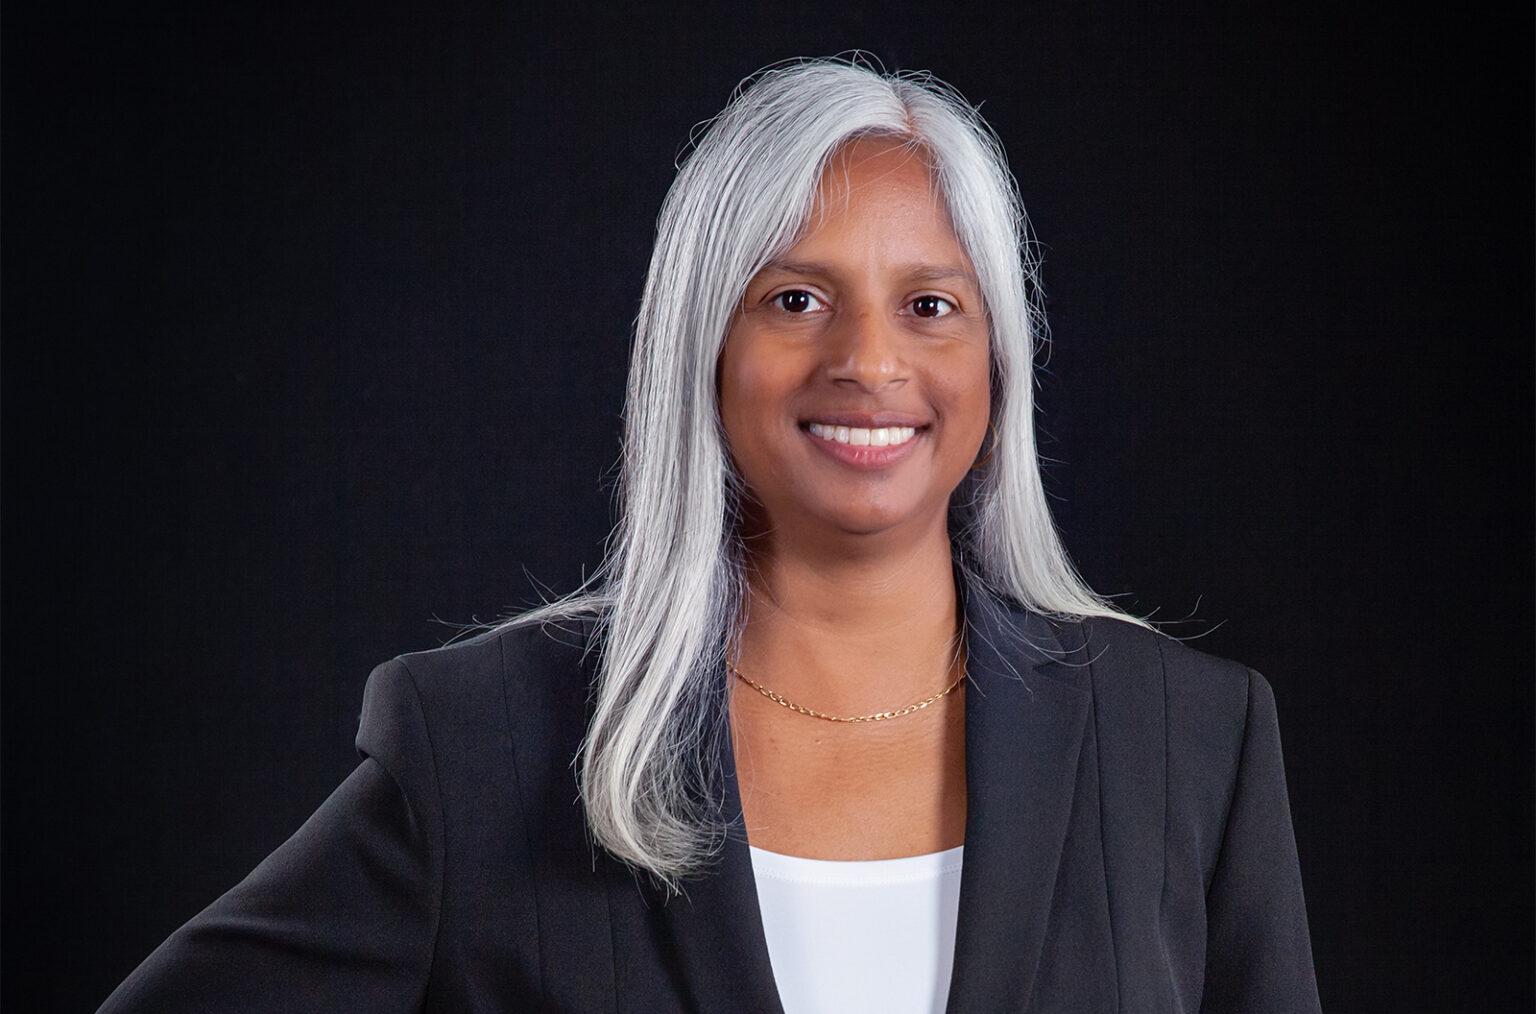 Arlene Mohammed